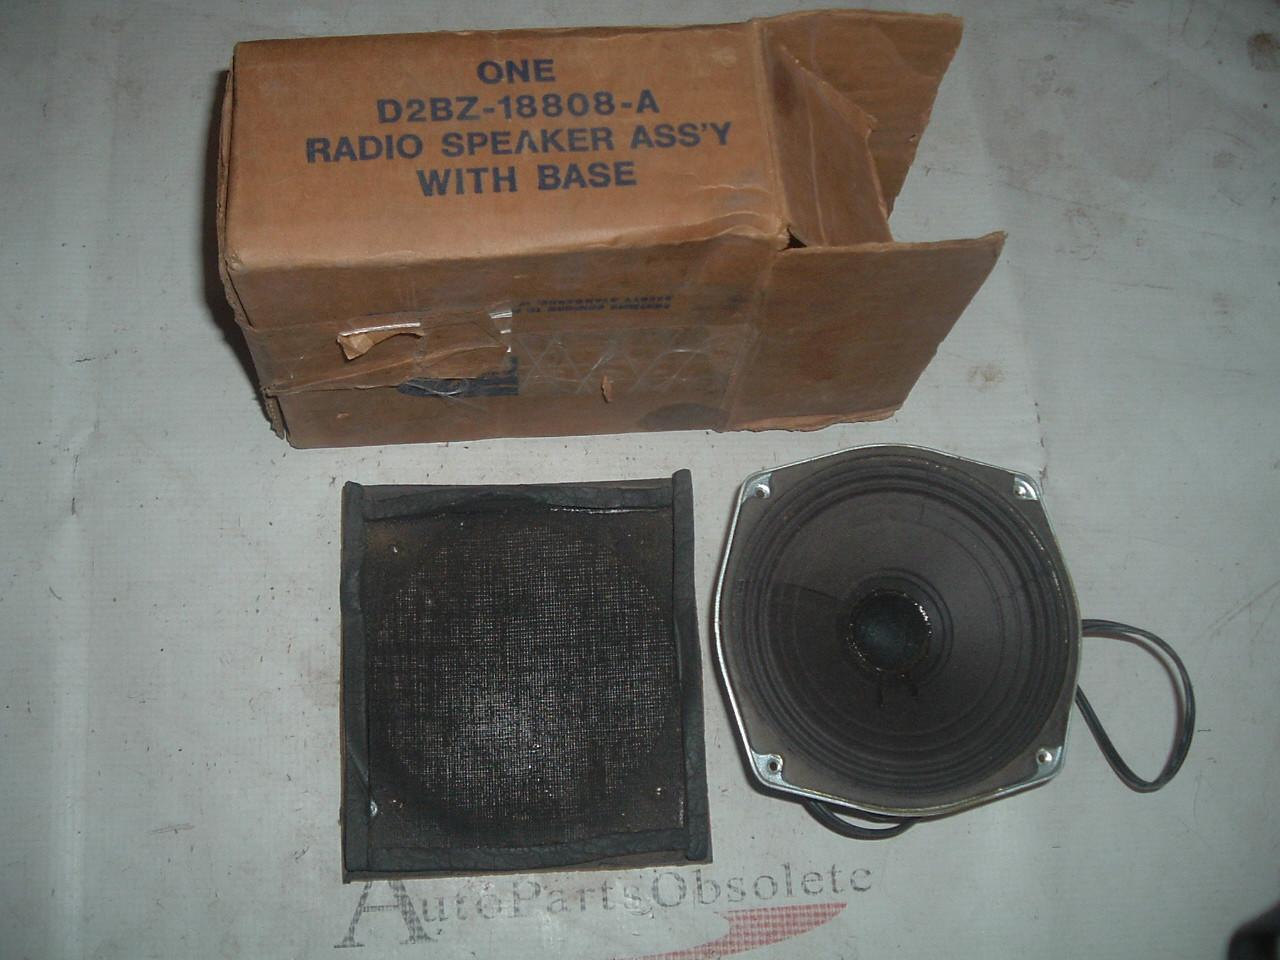 1968 69 70 71 72 73 74 75 76 77 ford bronco radio speaker nos ford # D2BZ-18808-A (z d2bz18808a)